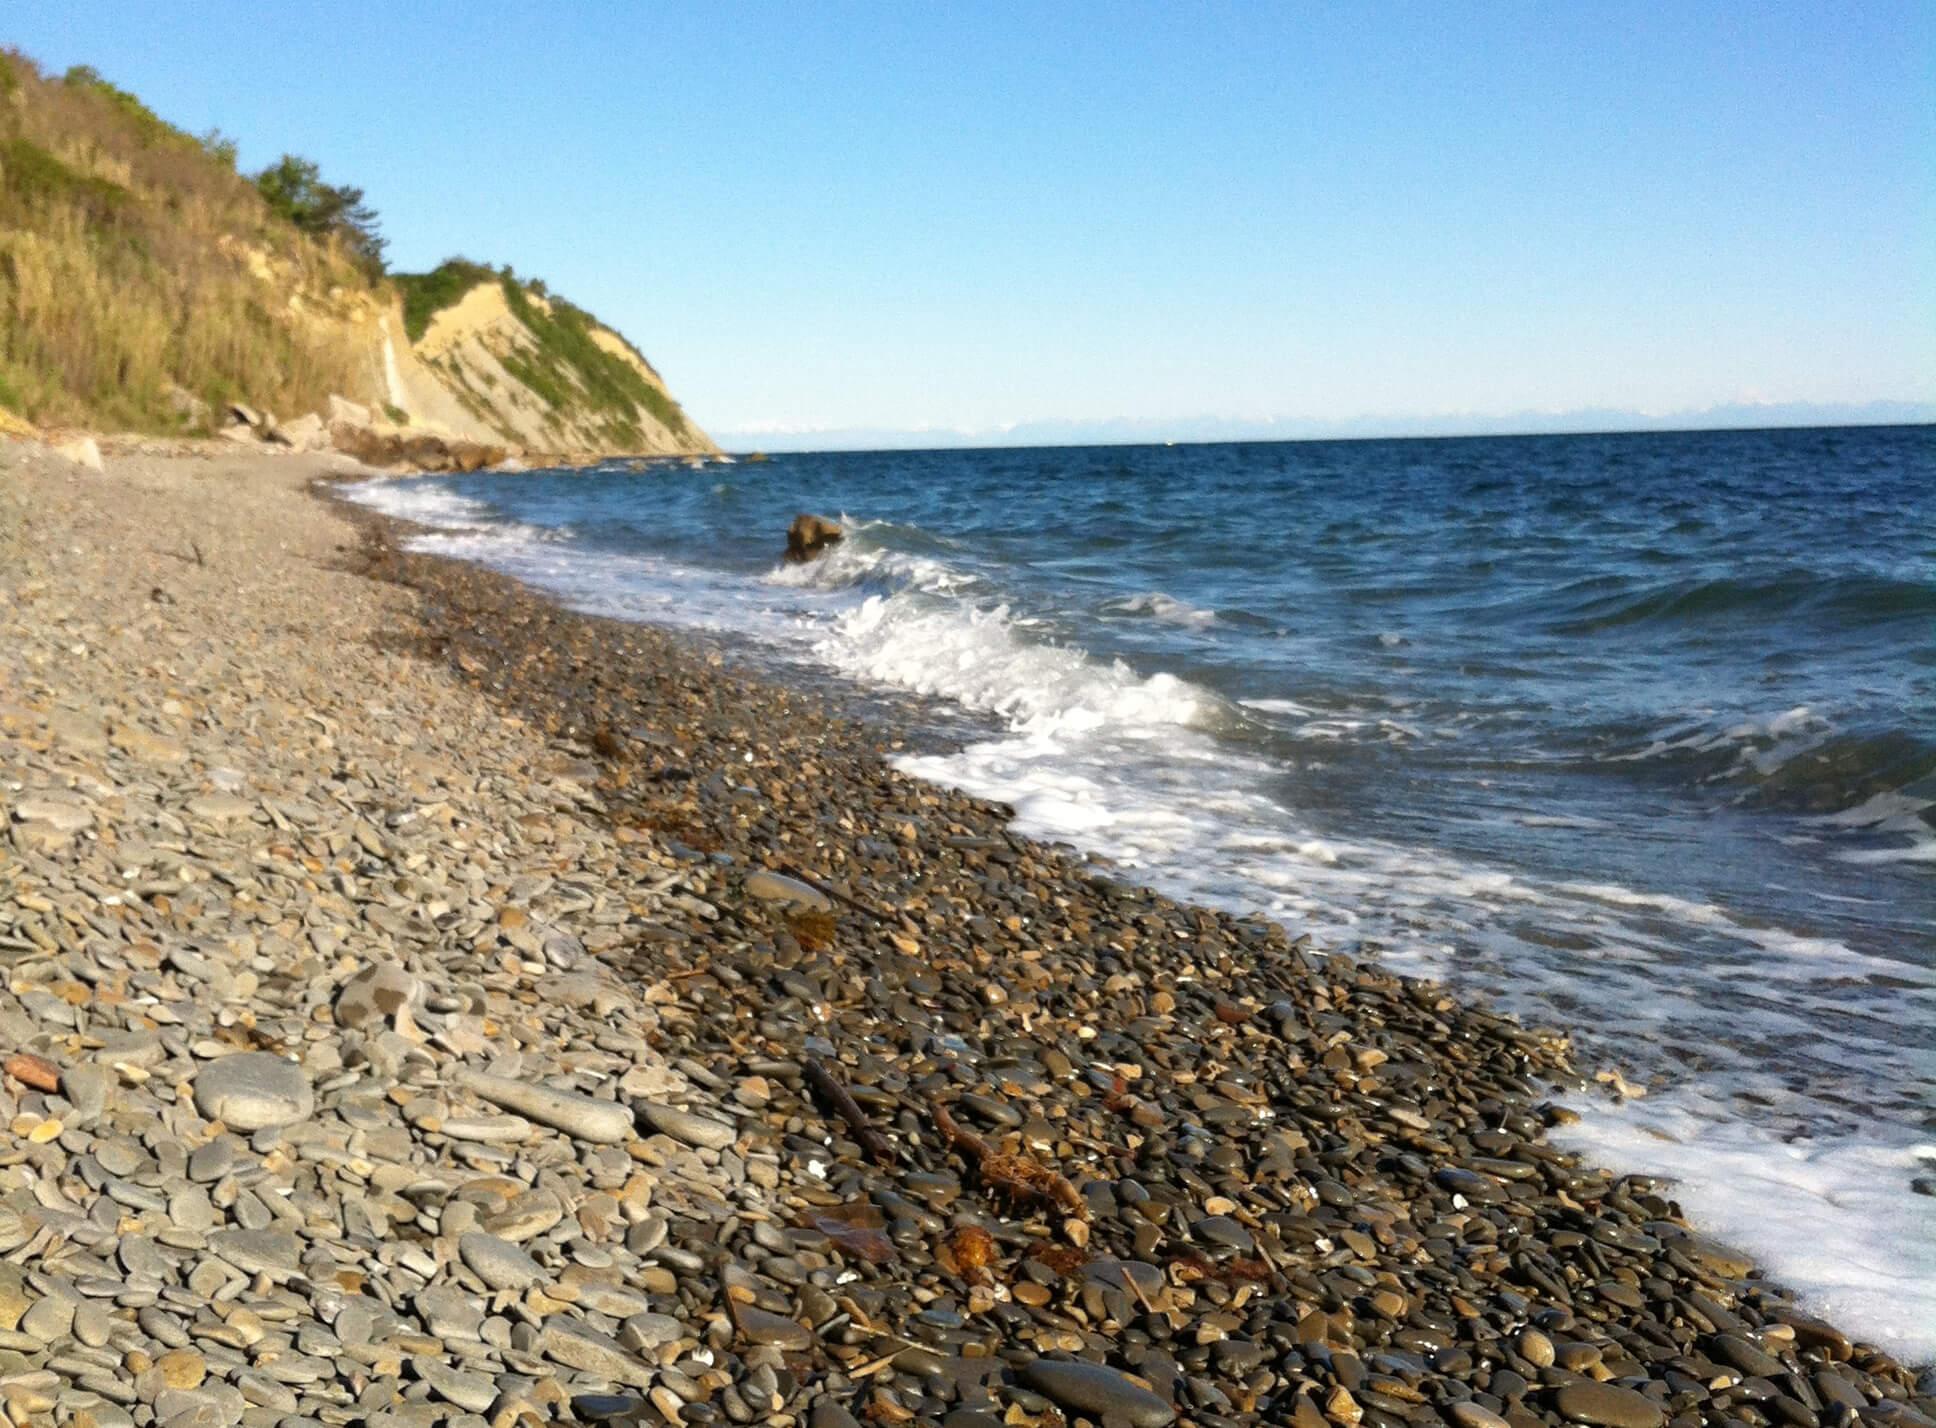 Пляжная зона дикого типа Бельведер